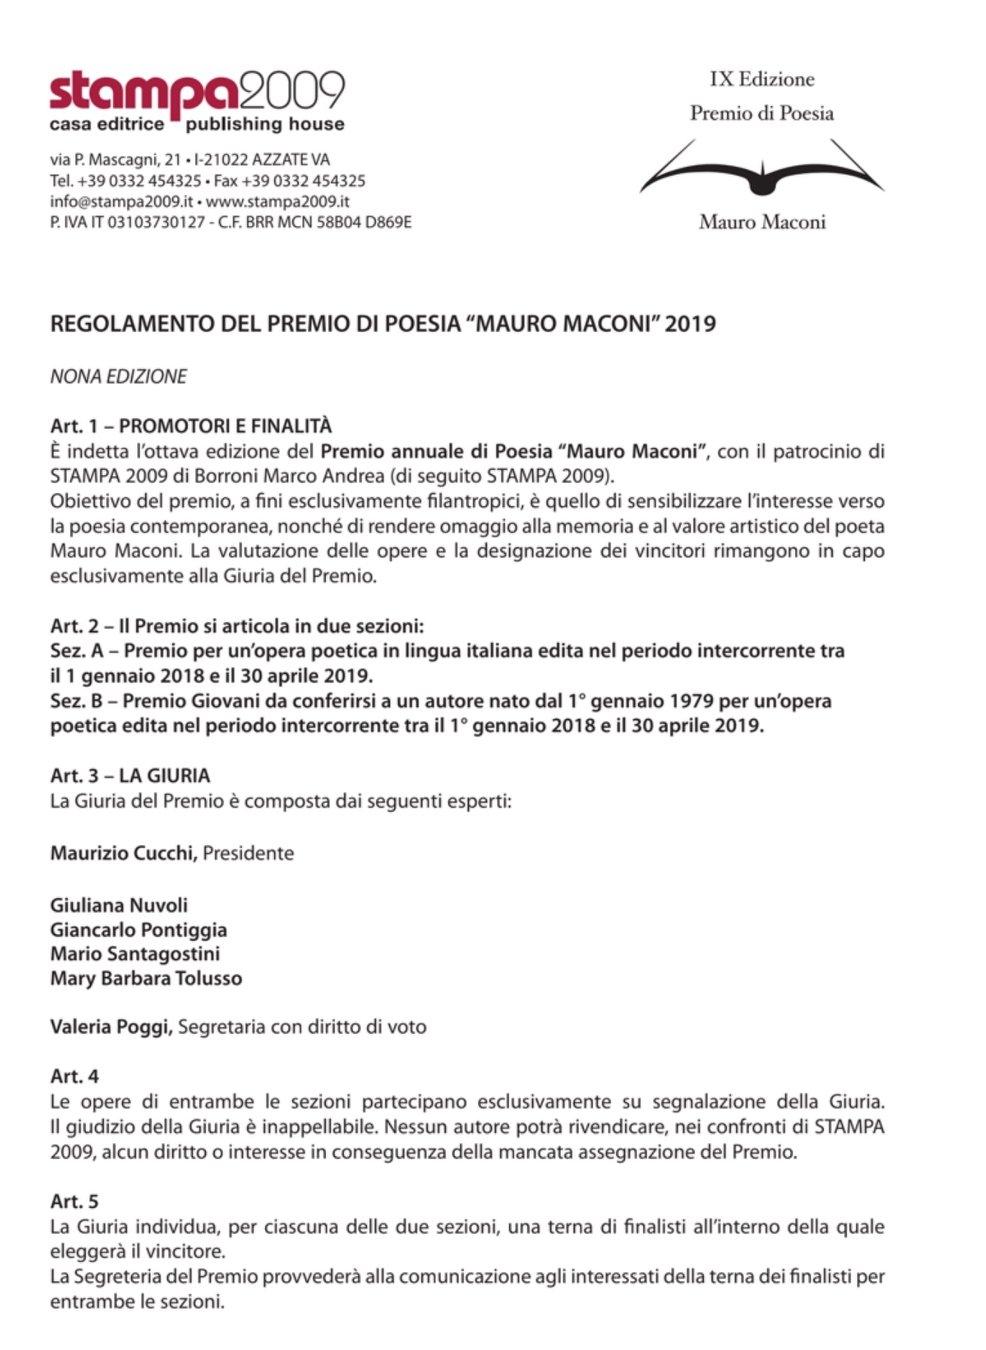 Premio di Poesia Mauro Maconi 2019